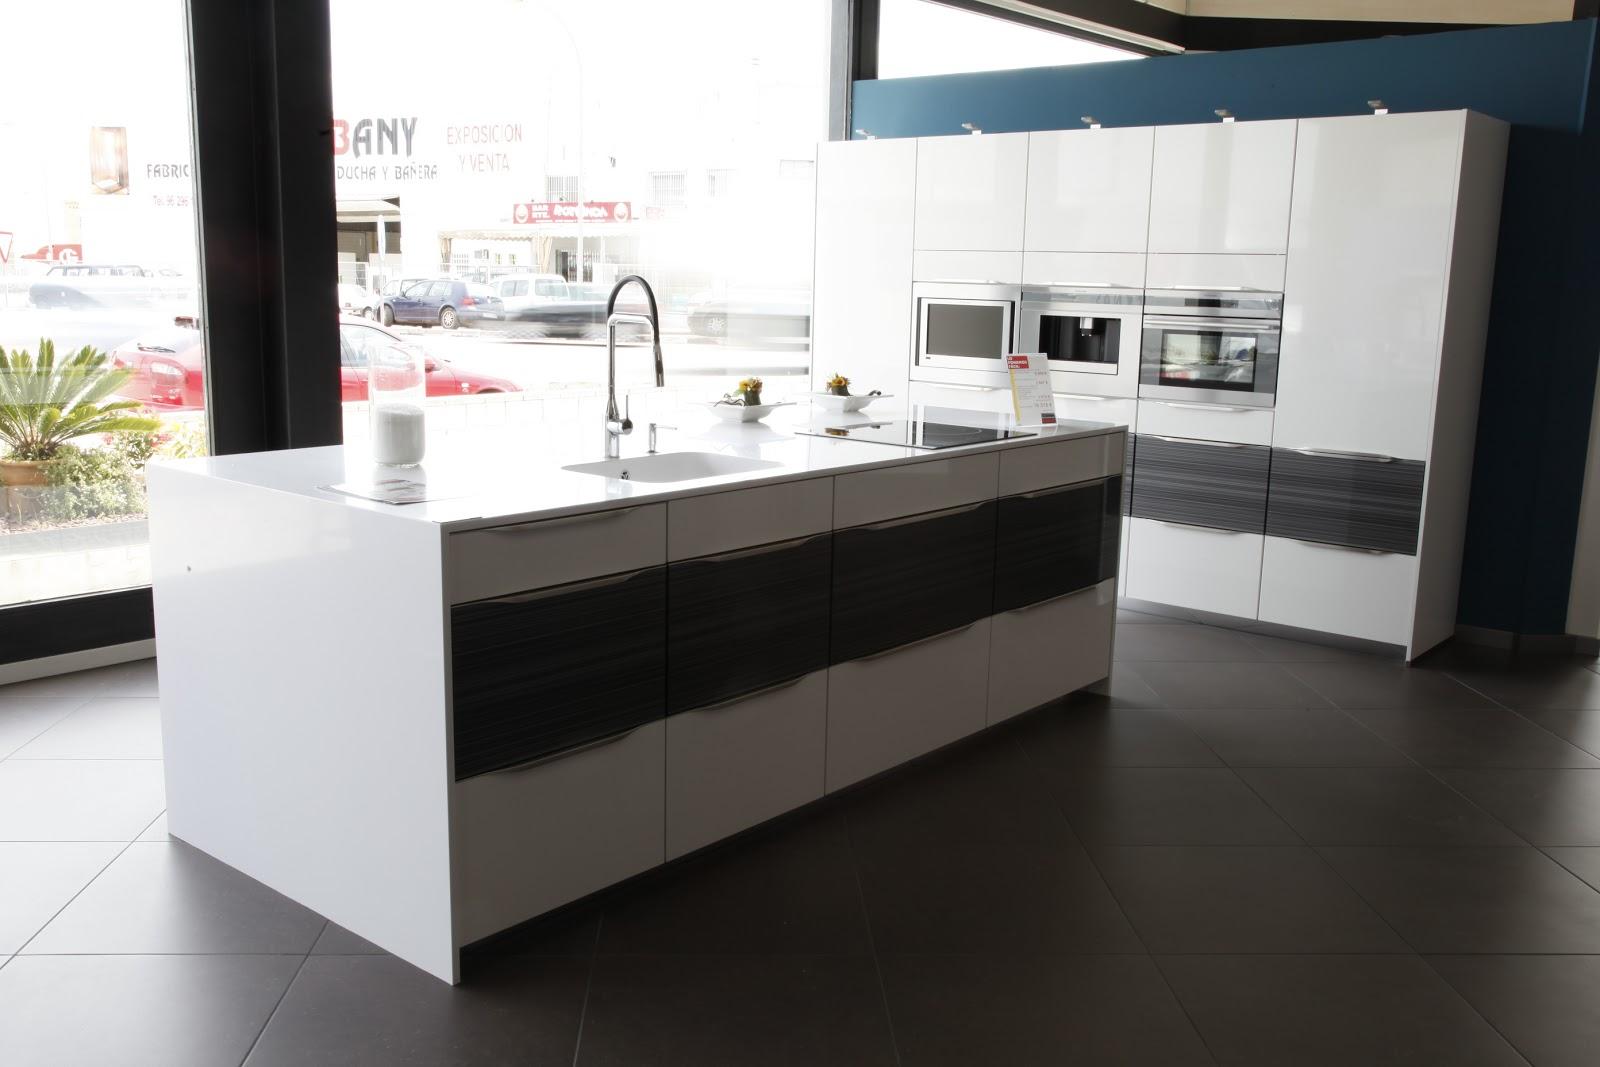 Muebles de cocina baratos en valencia beautiful muebles for Cocinas baratas valencia